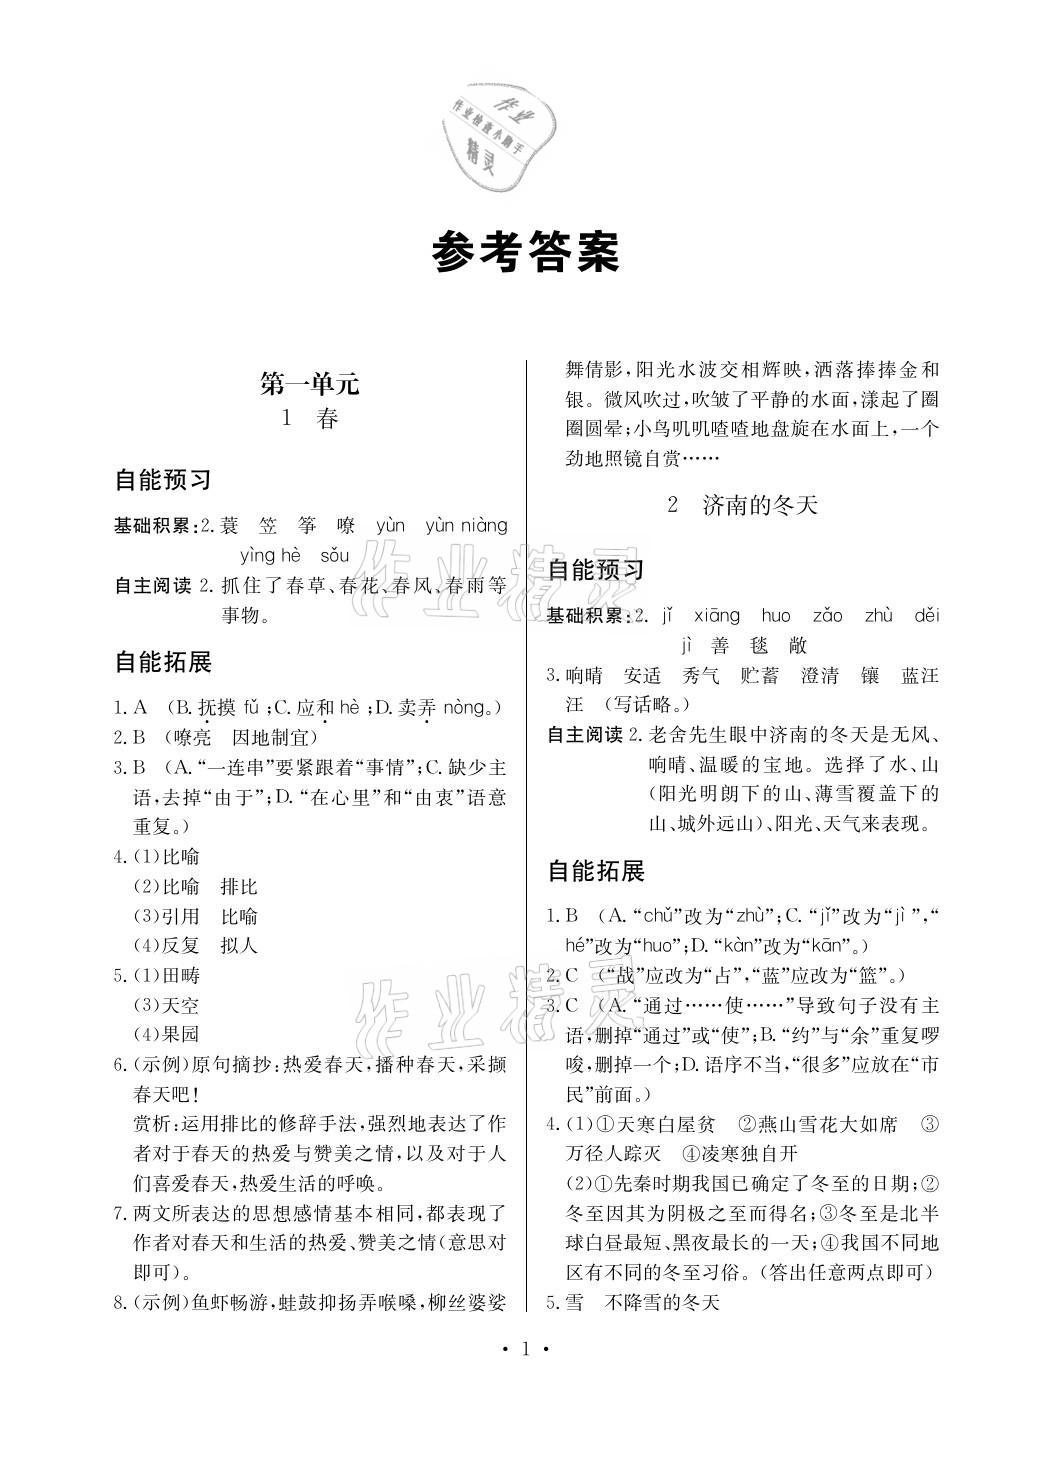 2020年自能导学七年级语文上册人教版参考答案第1页